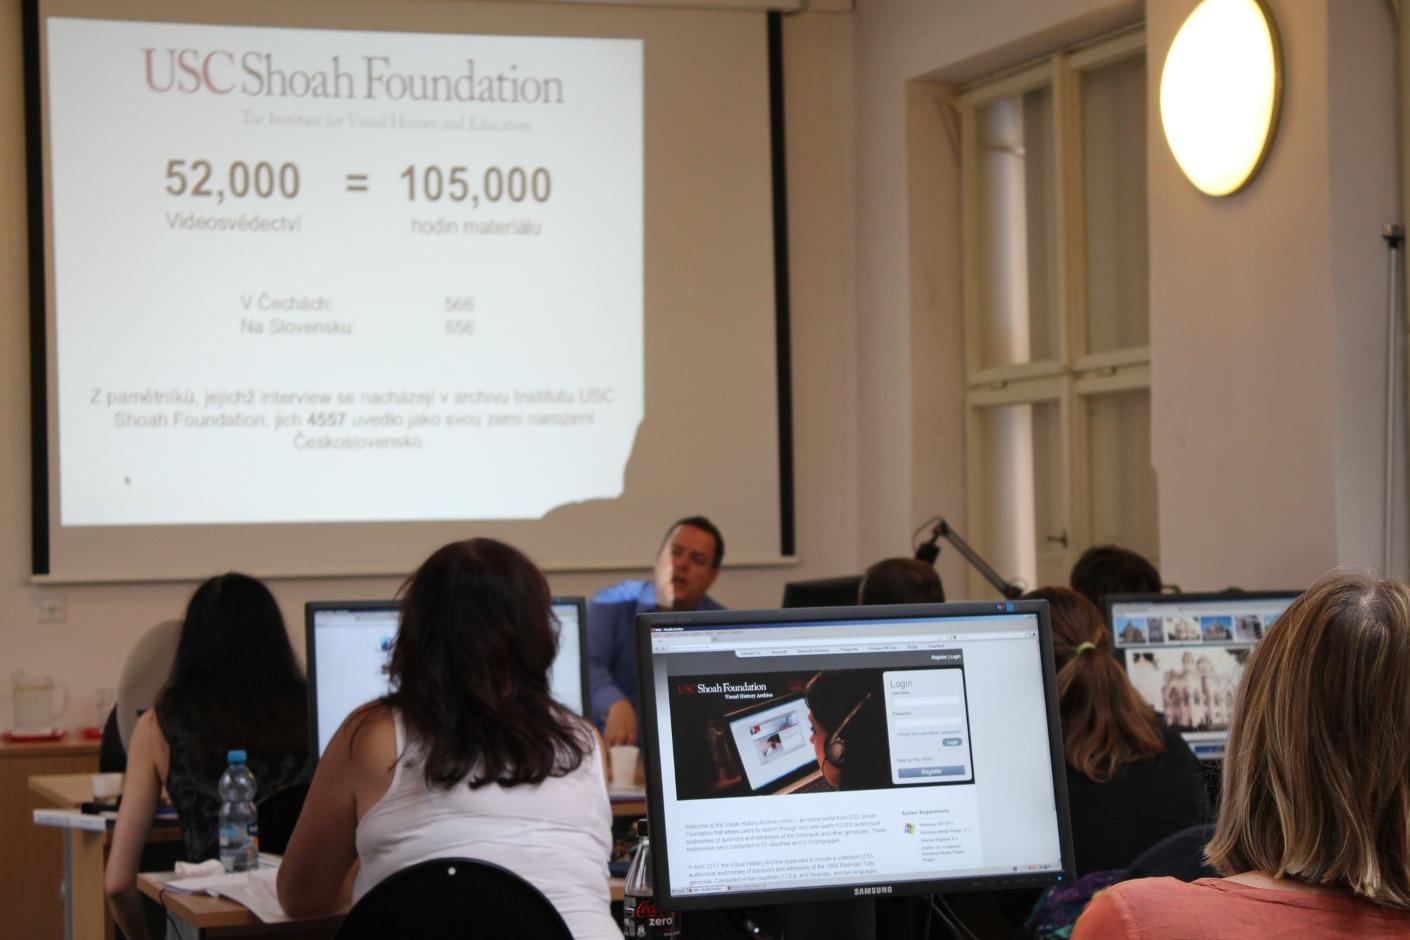 Archiv vizuální historie USC Shoah Foundation obsahuje téměř 105 000 hodin audiovizuálního materiálu, který lze různými způsoby prohledávat